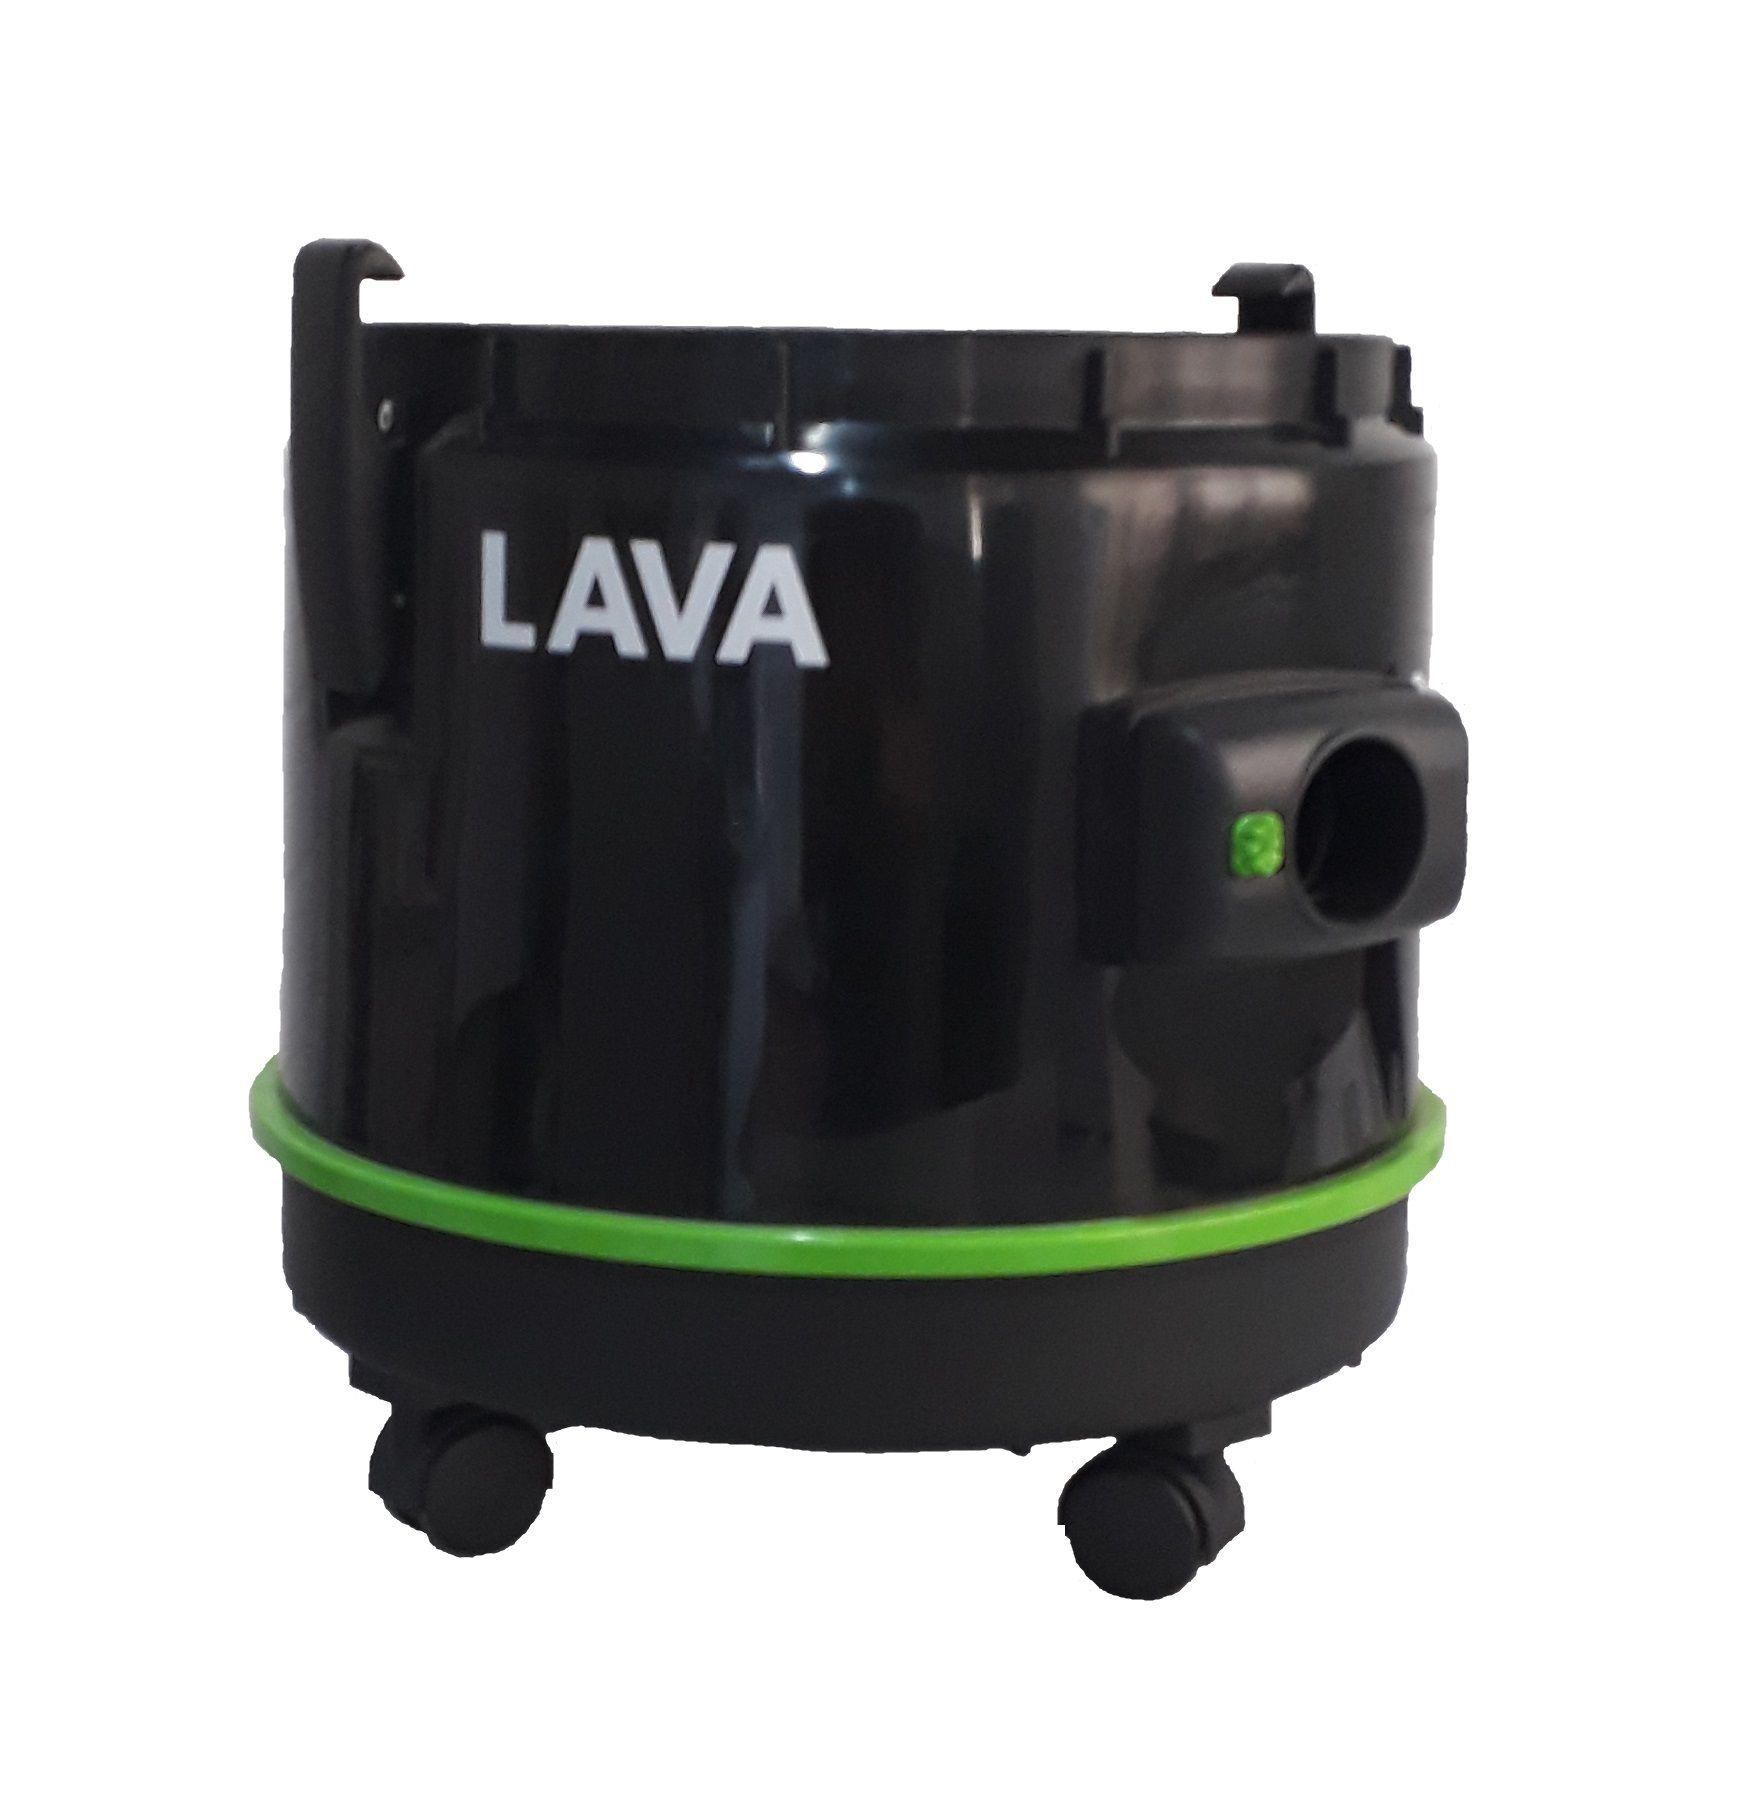 Balde Reservatório de Água Suja IPC Lava/Lava Pro/A135 27 litros Preto  - Tempo de Casa